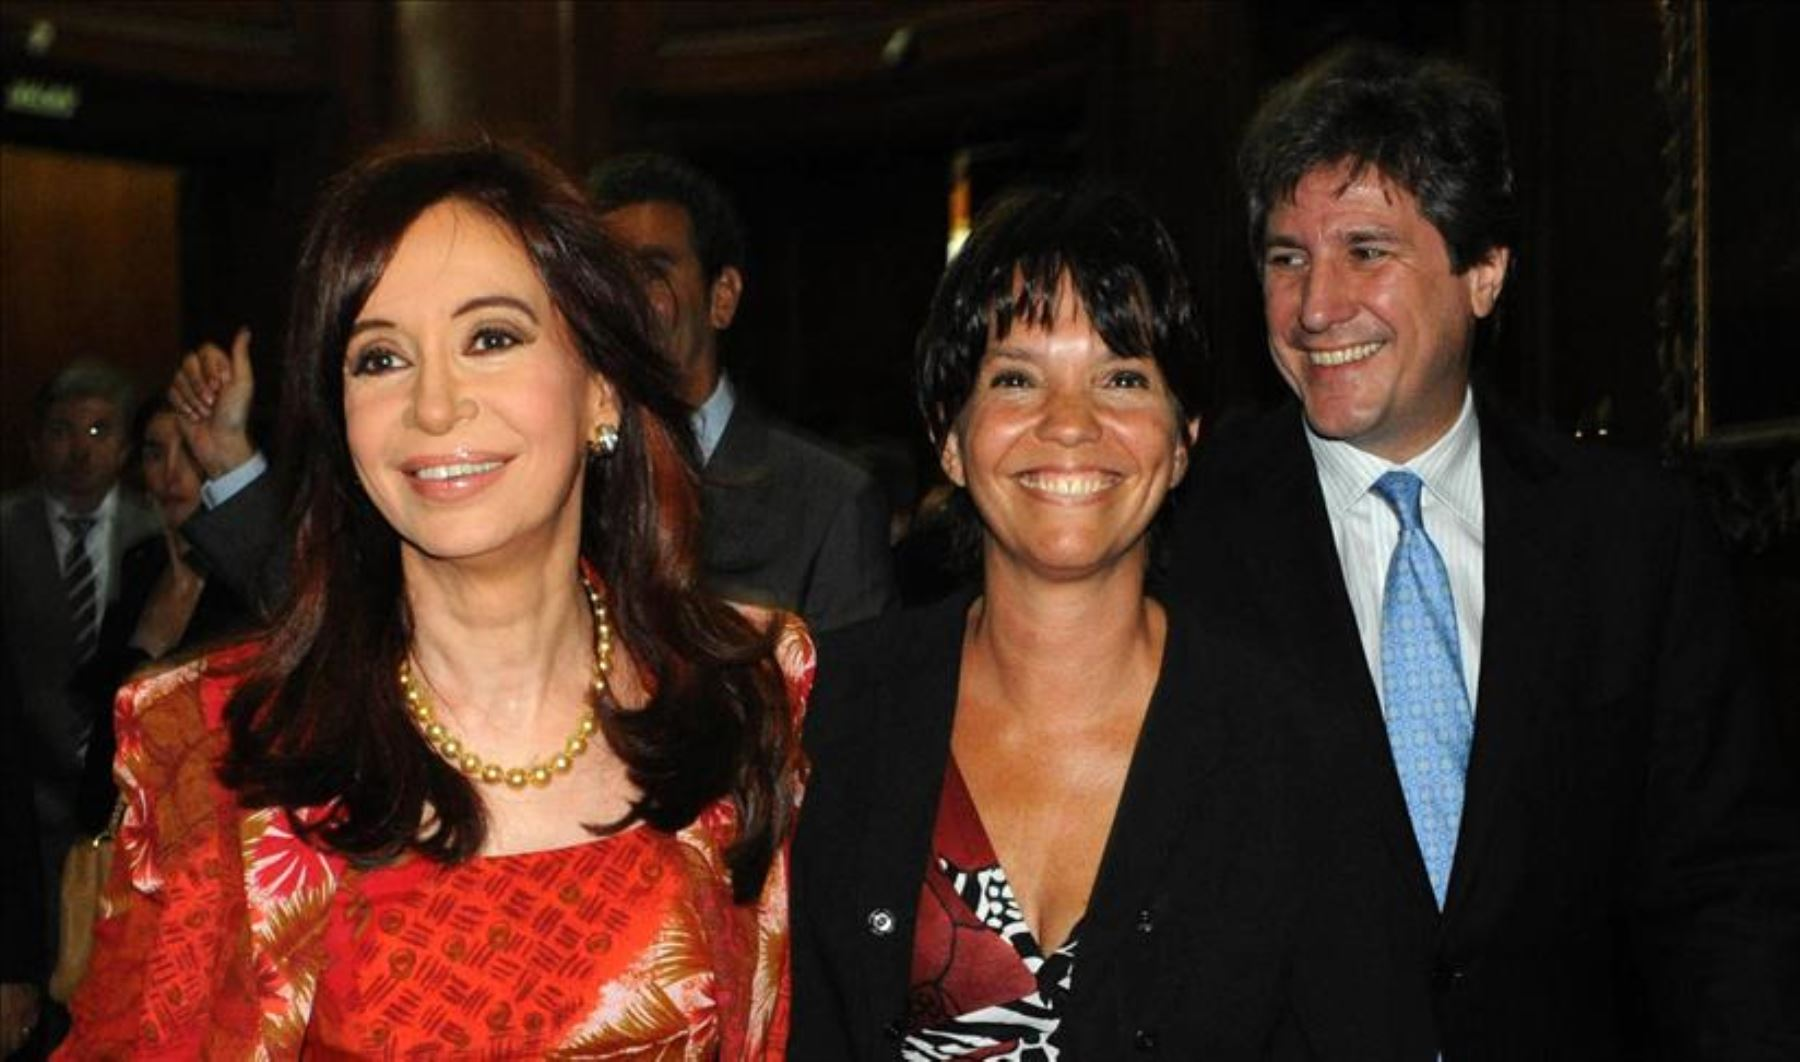 En Argentina le conceden la libertad al exvicepresidente Amado Boudou